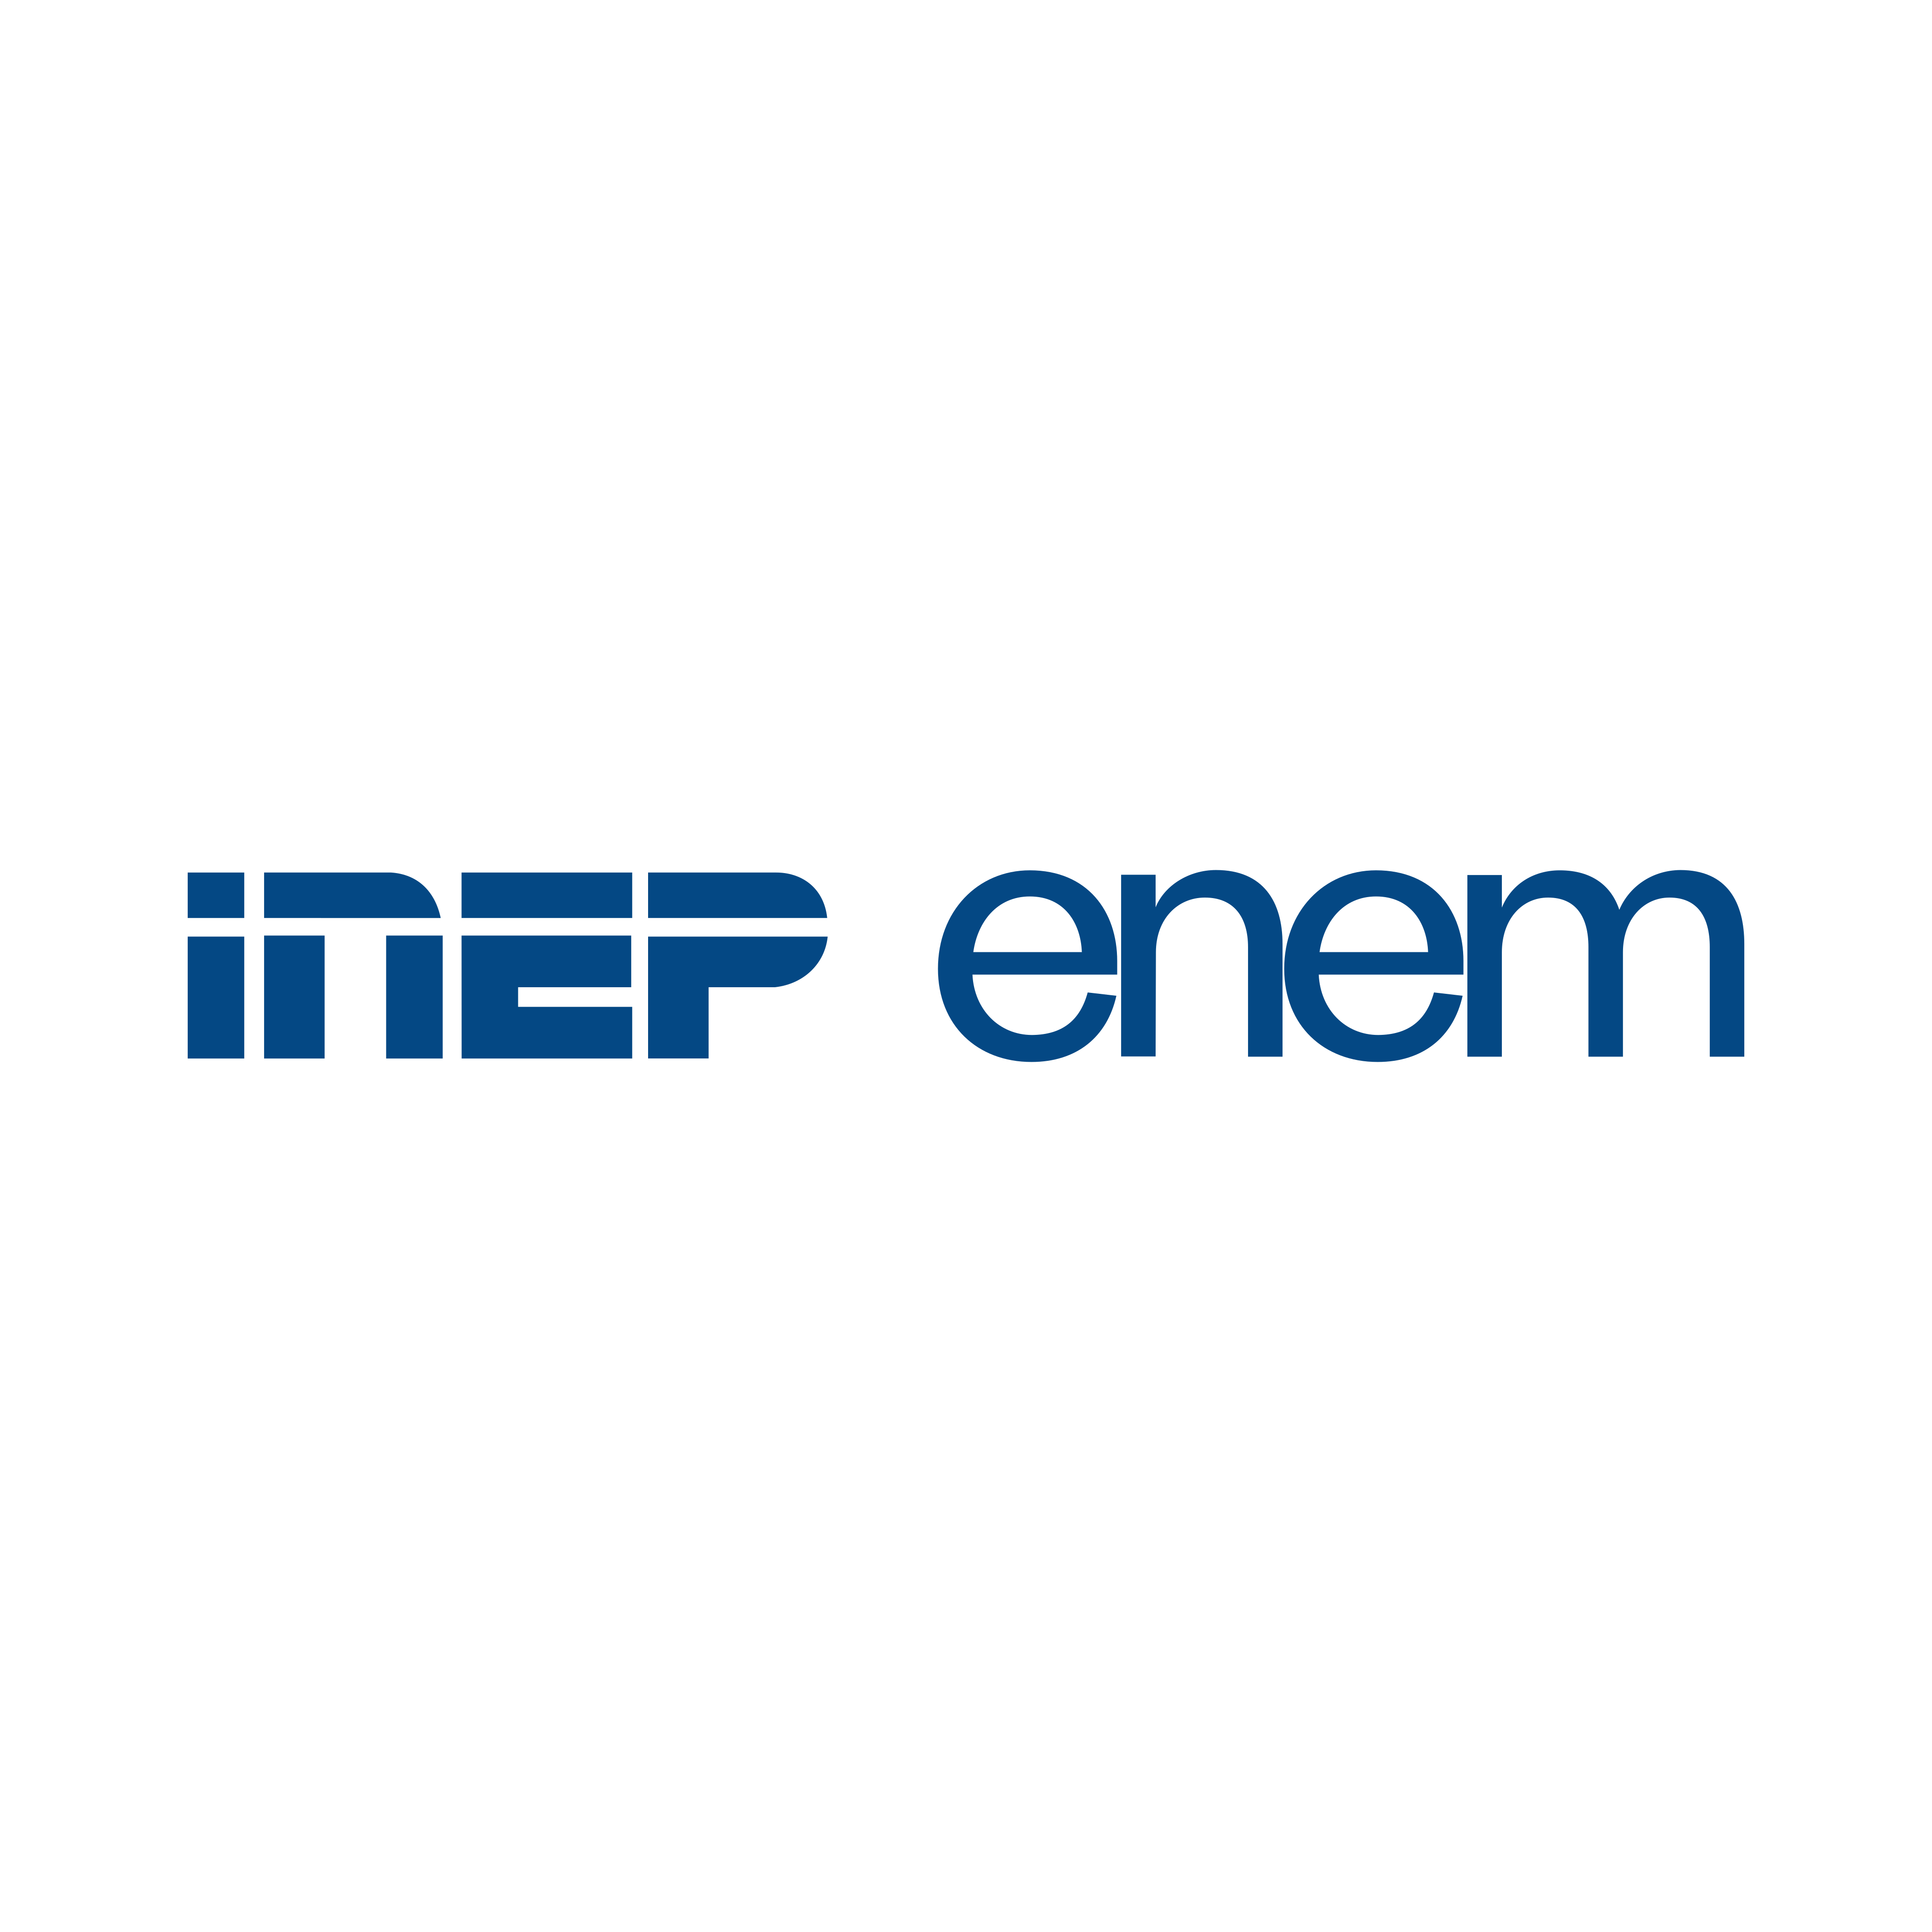 enem logo 0 - Enem Logo - Exame Nacional do Ensino Médio